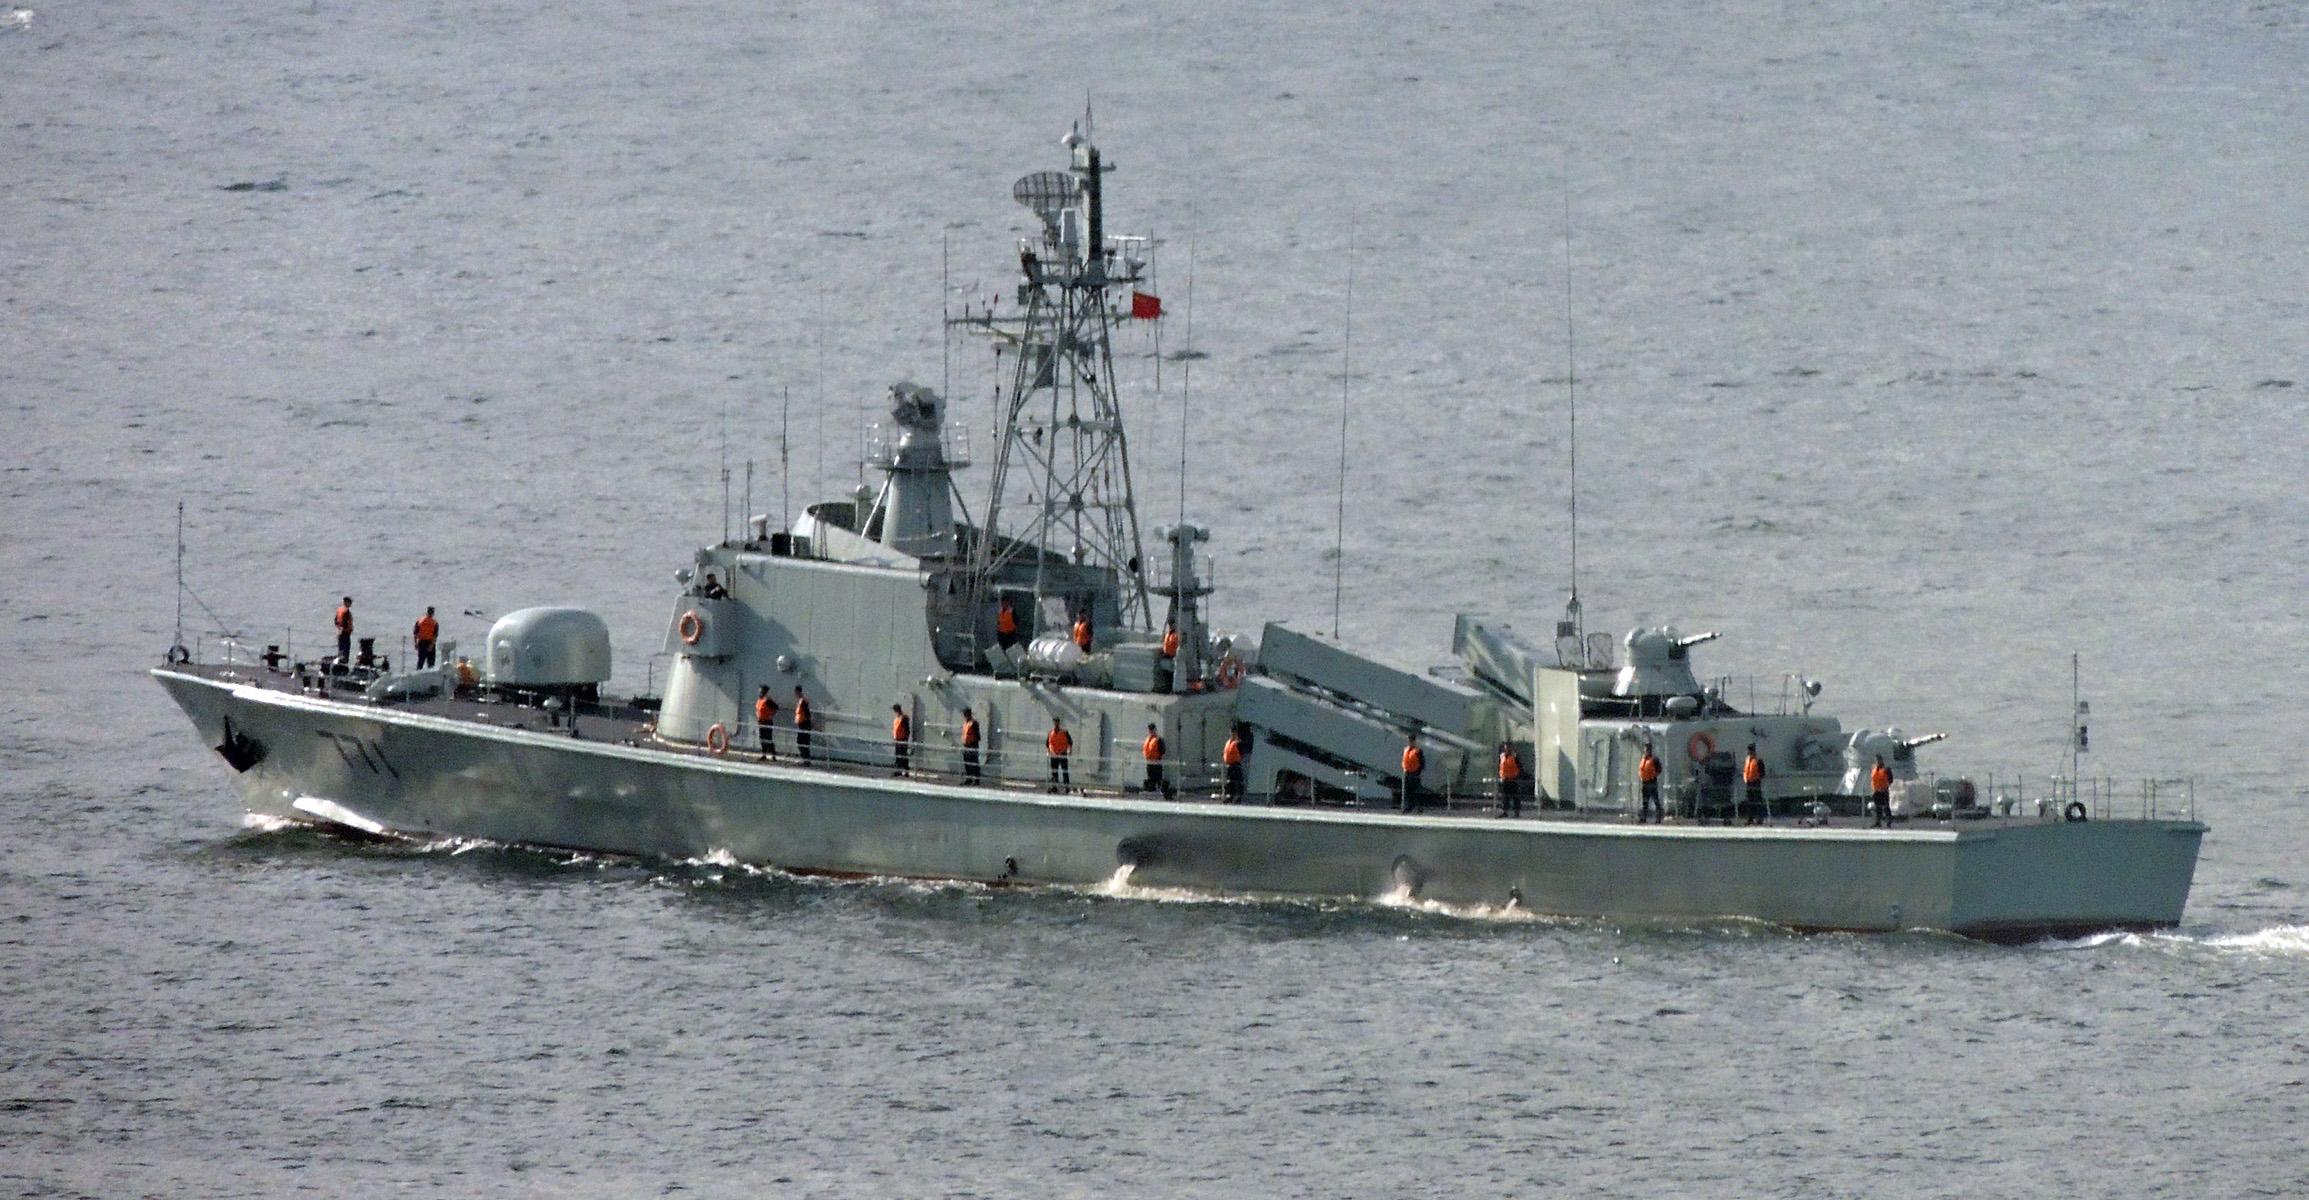 Type 037 corvette - Wikipedia